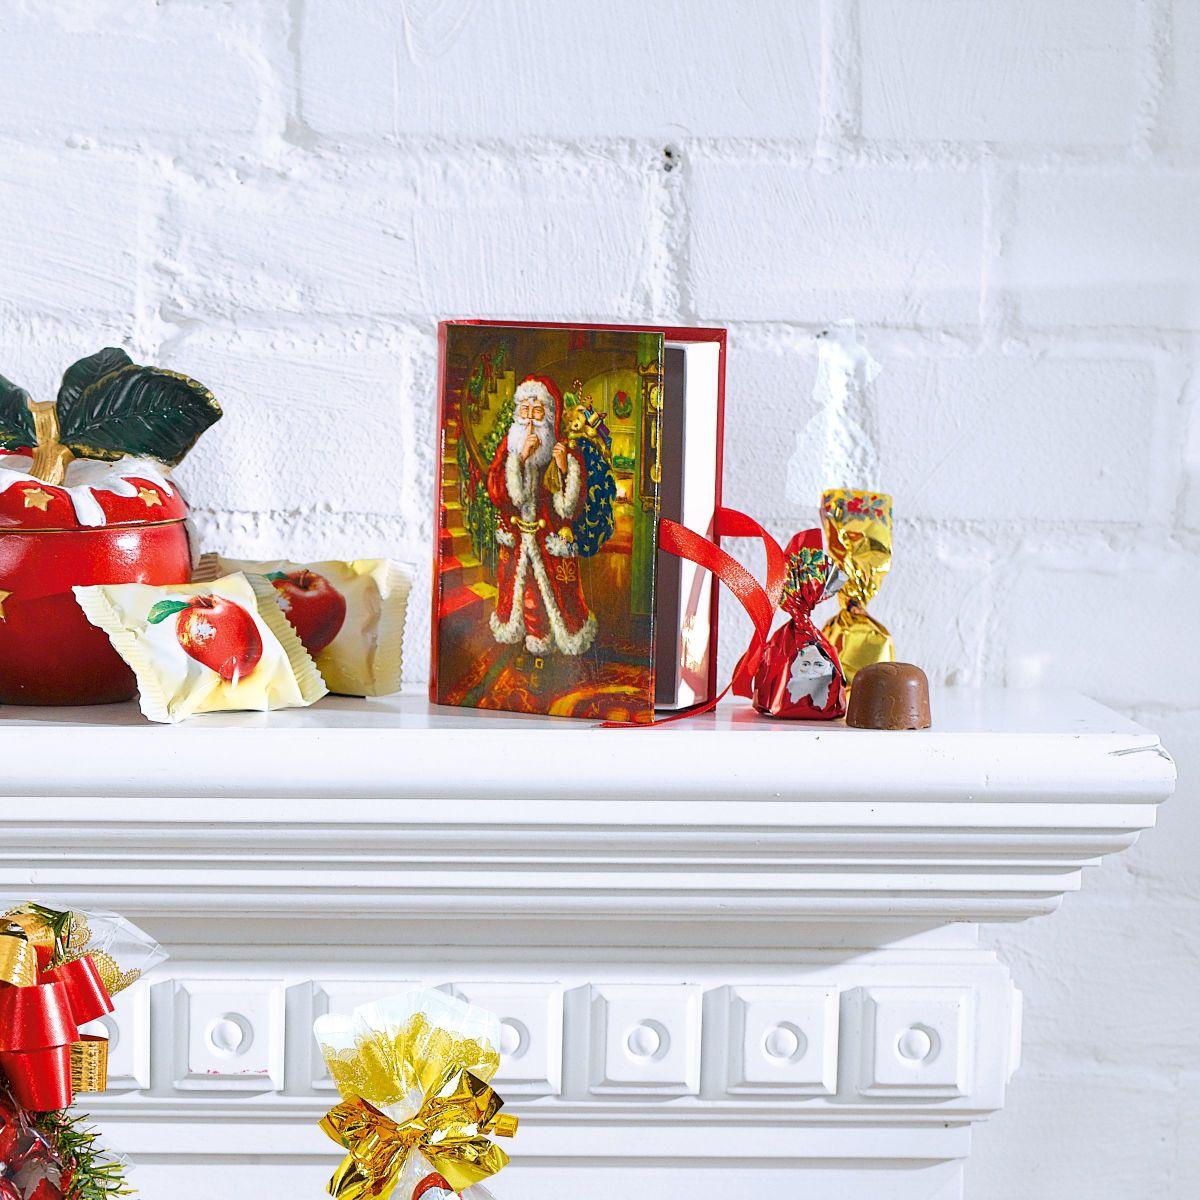 nostalgie buch mit pralinen 75g weihnachtspralinen ca. Black Bedroom Furniture Sets. Home Design Ideas